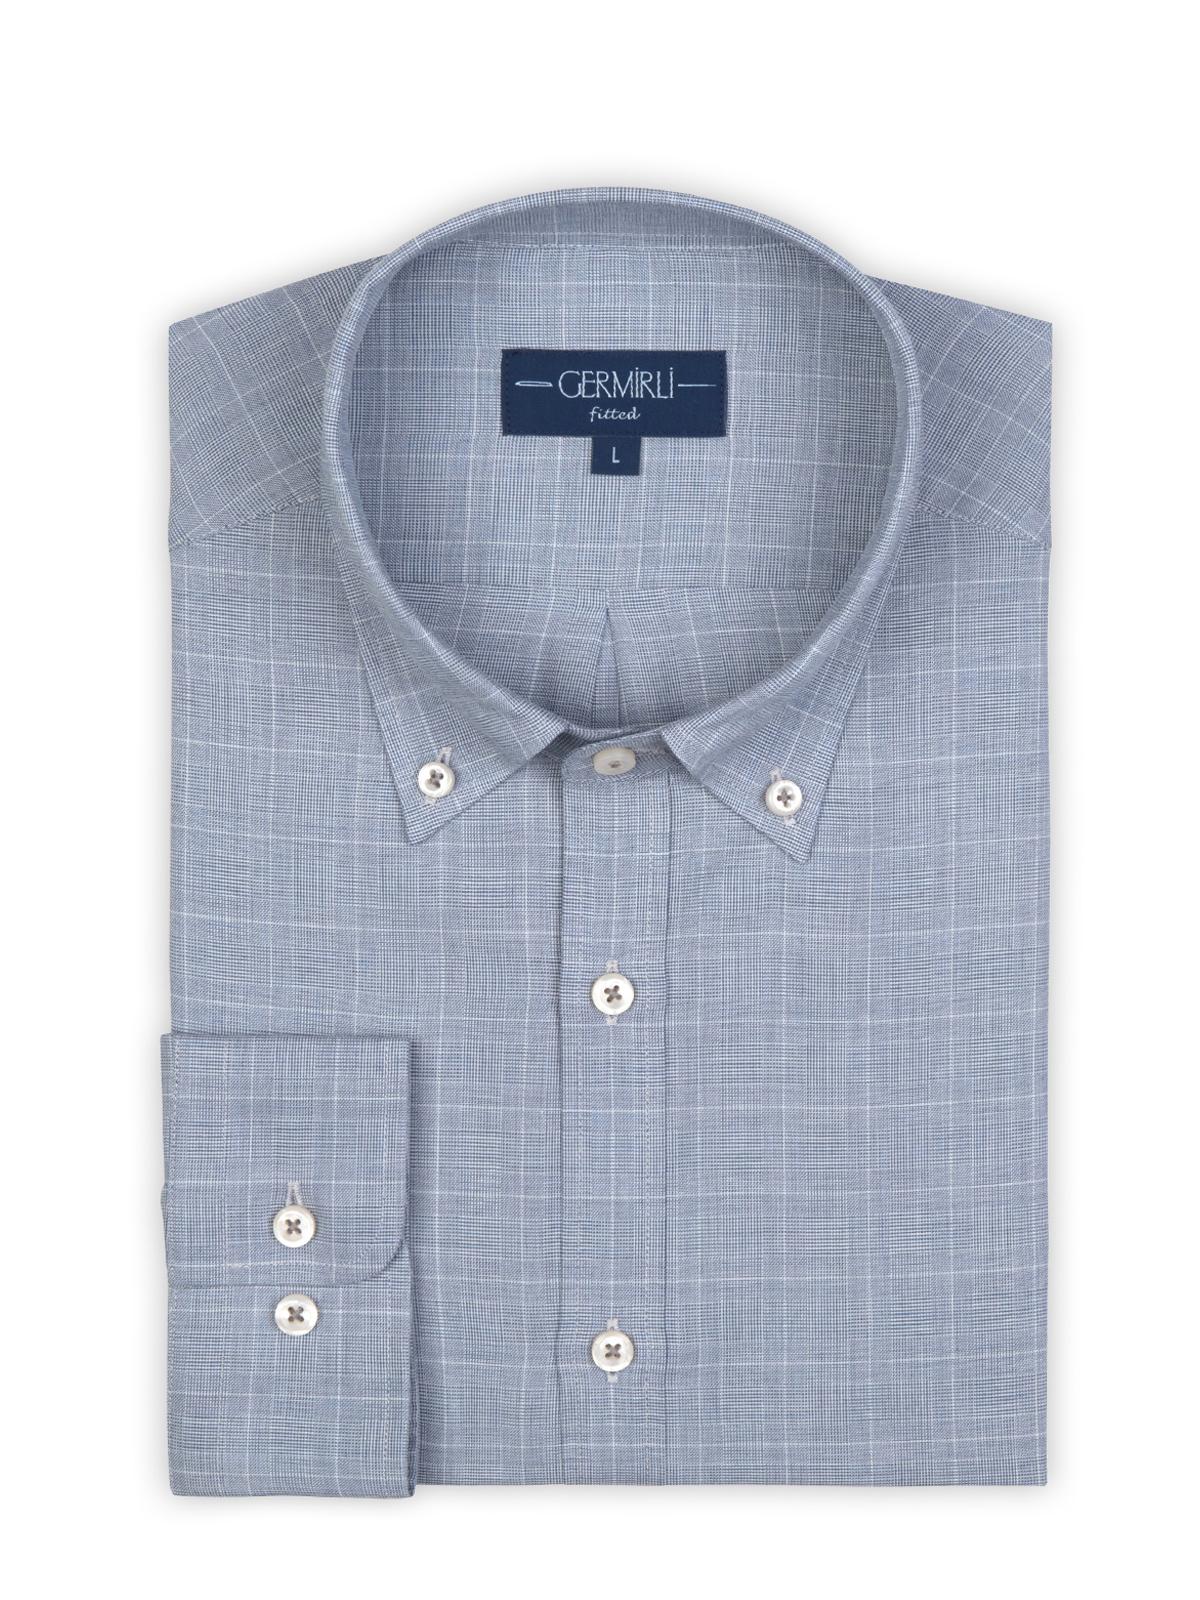 Germirli Mavi Beyaz Büyük Kareli Düğmeli Yaka Tailor Fit Gömlek